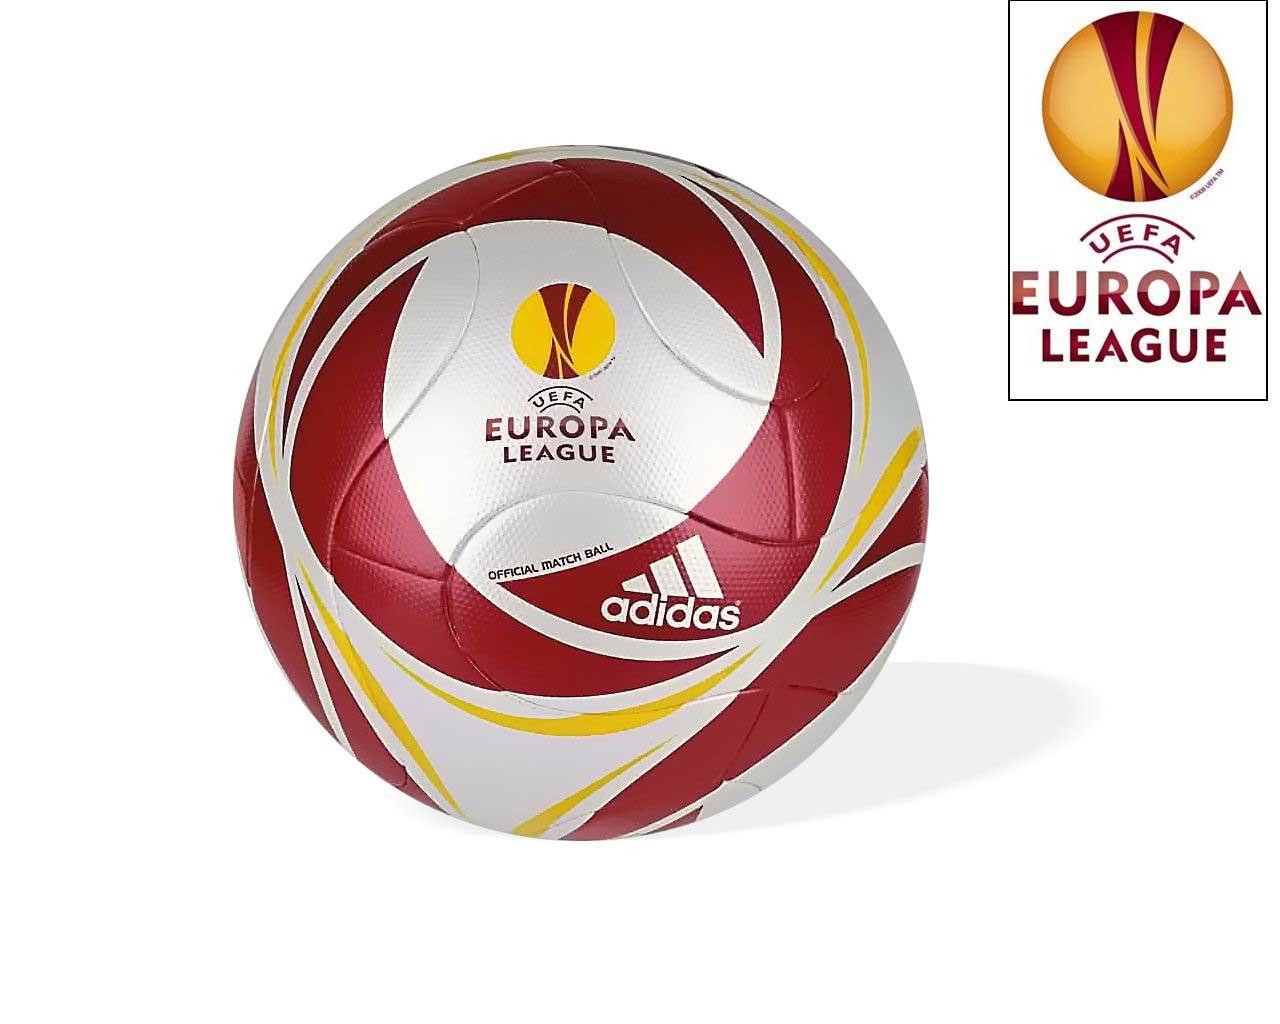 ADIDAS UEFA EUROPA LEAGUE (2009 / 2010)